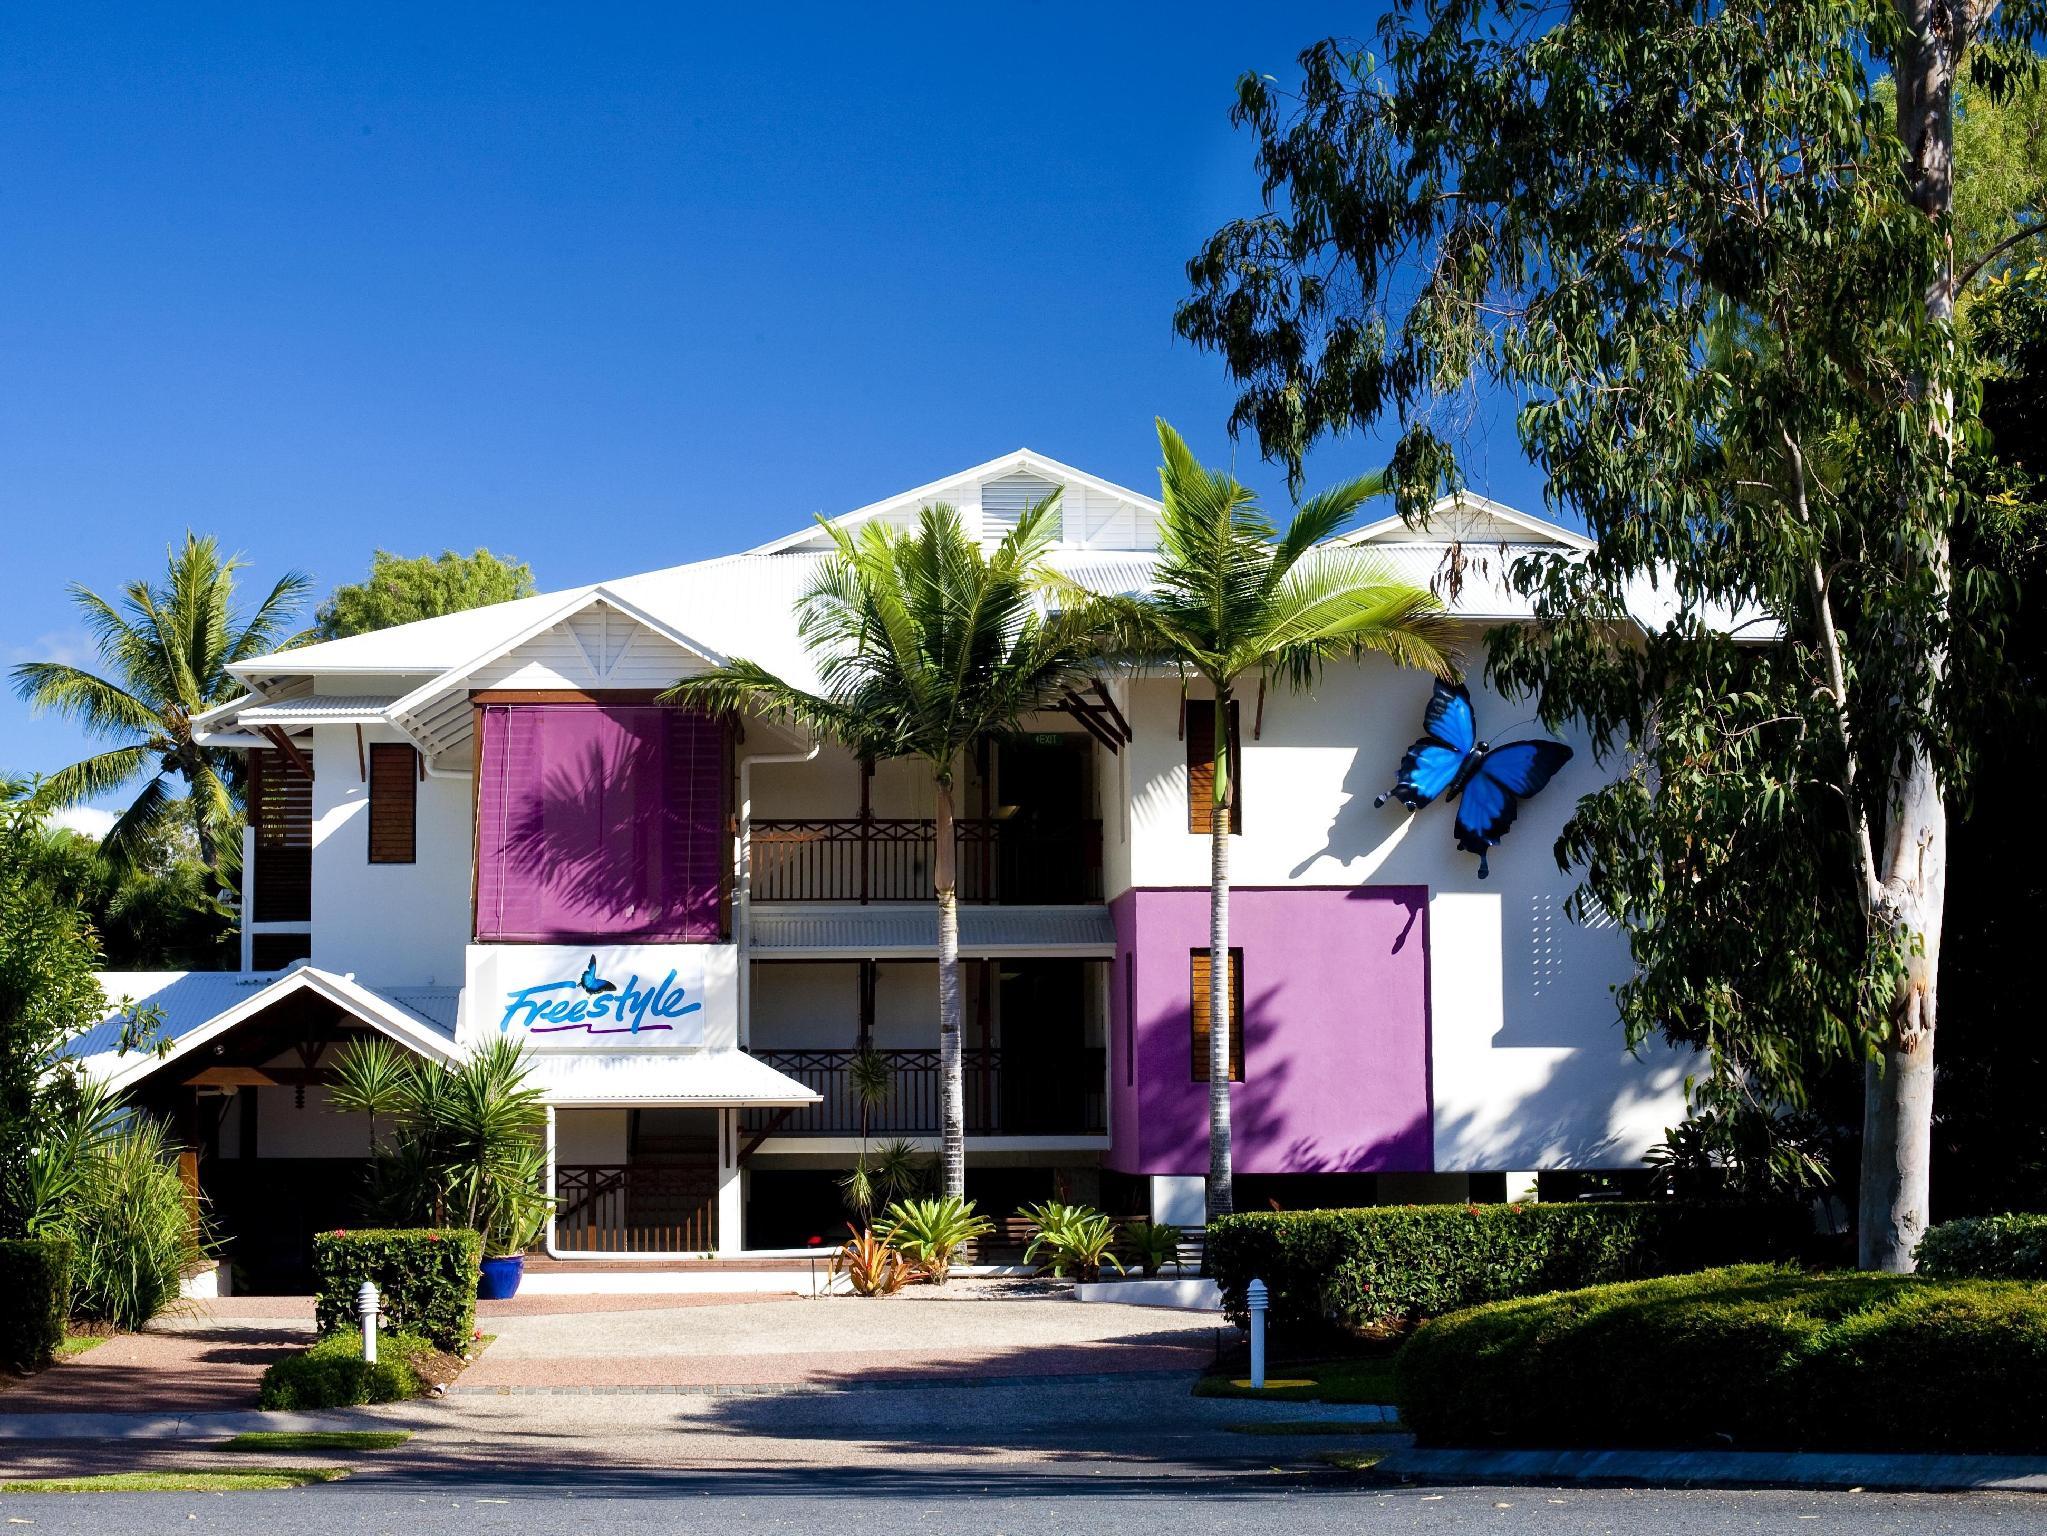 Freestyle Port Douglas Hotel - Hotell och Boende i Australien , Port Douglas